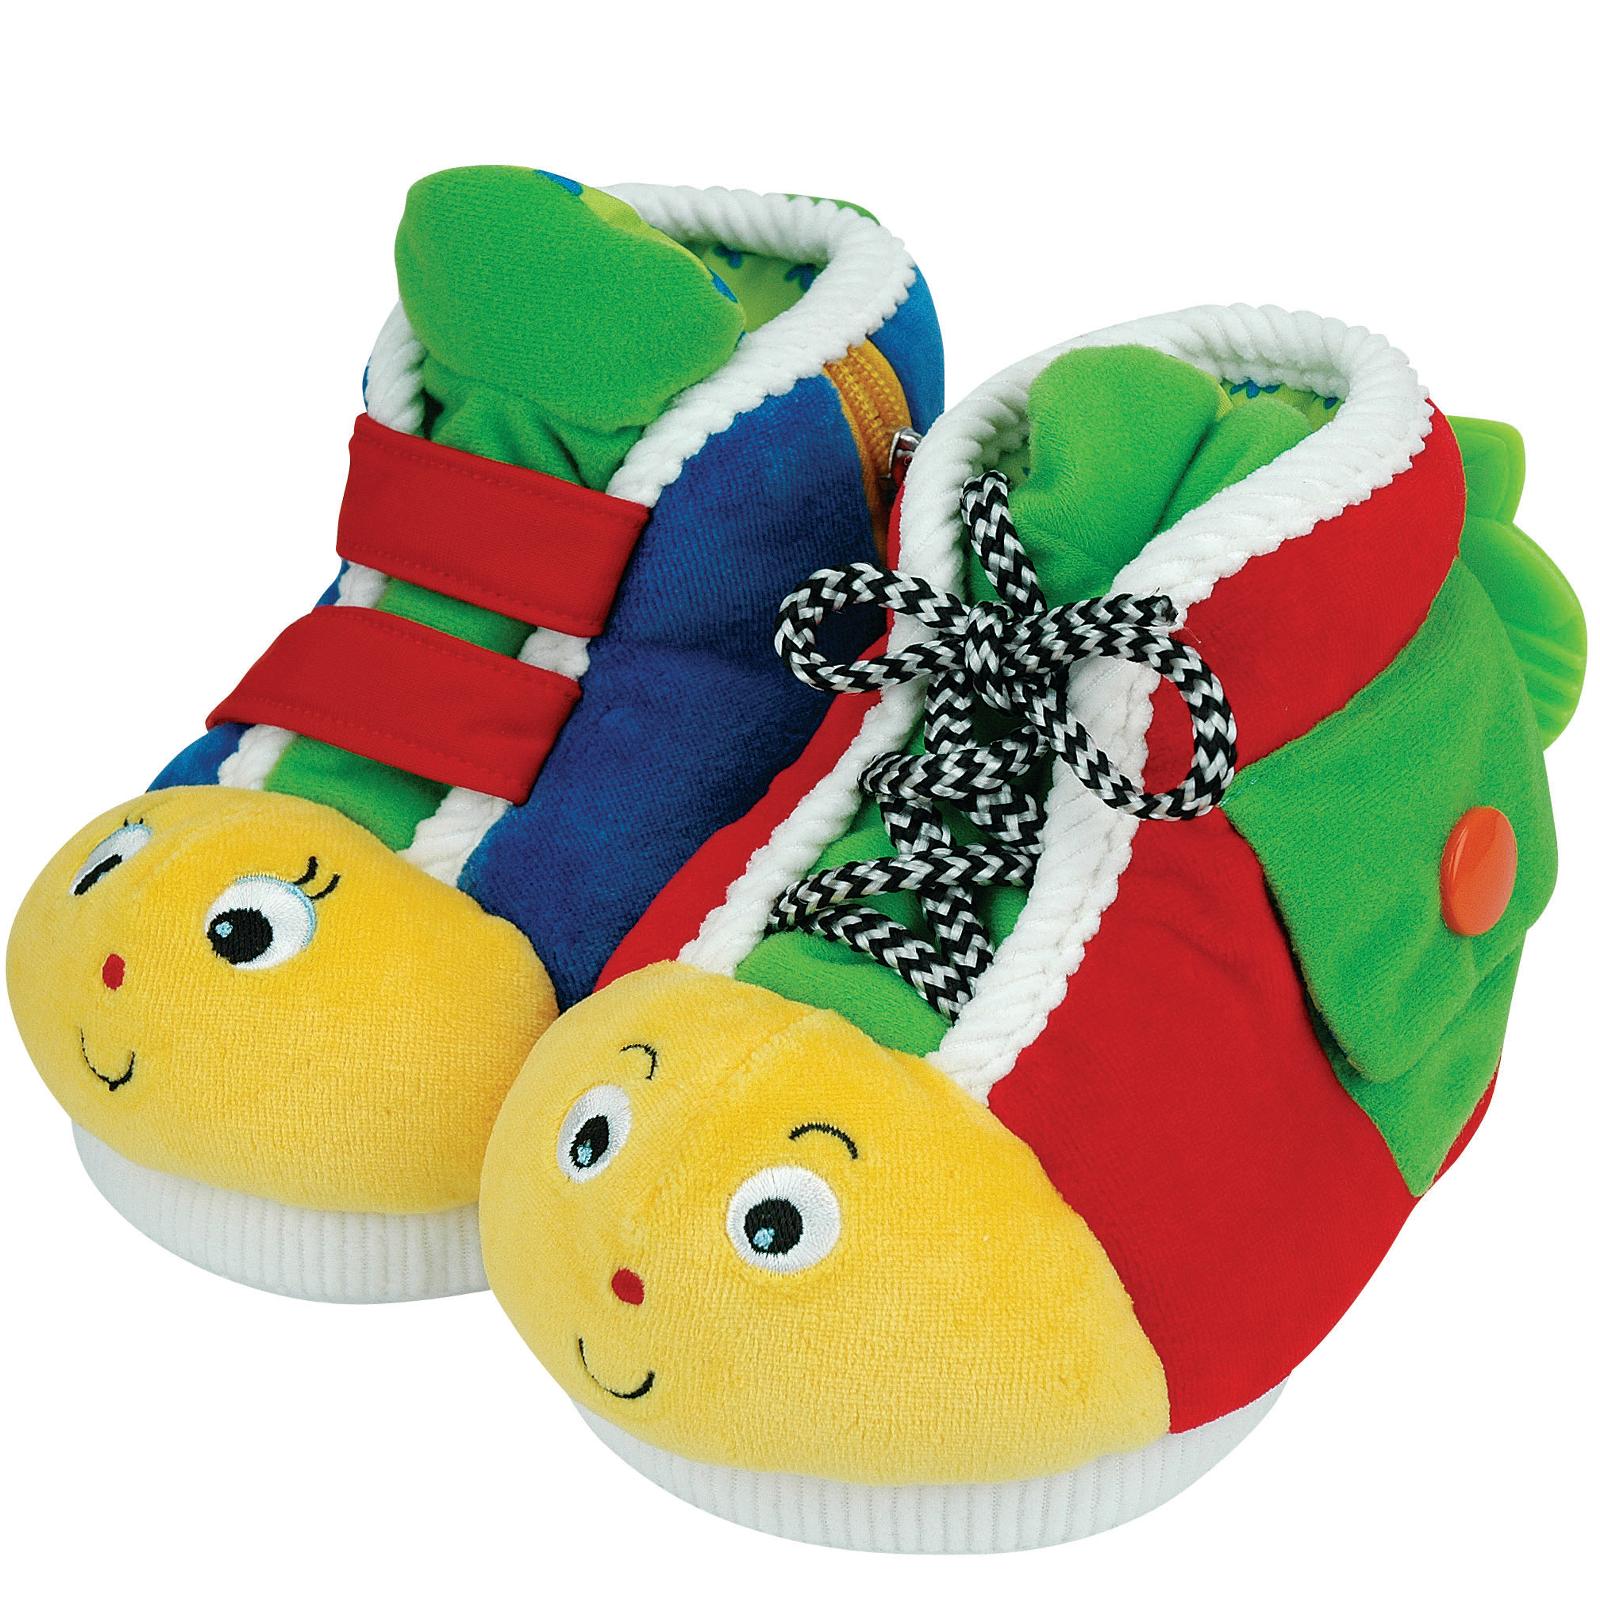 Развивающая игрушка K&amp;#039;s Kids Ботинки обучающие с 12 мес. 2 шт.<br>